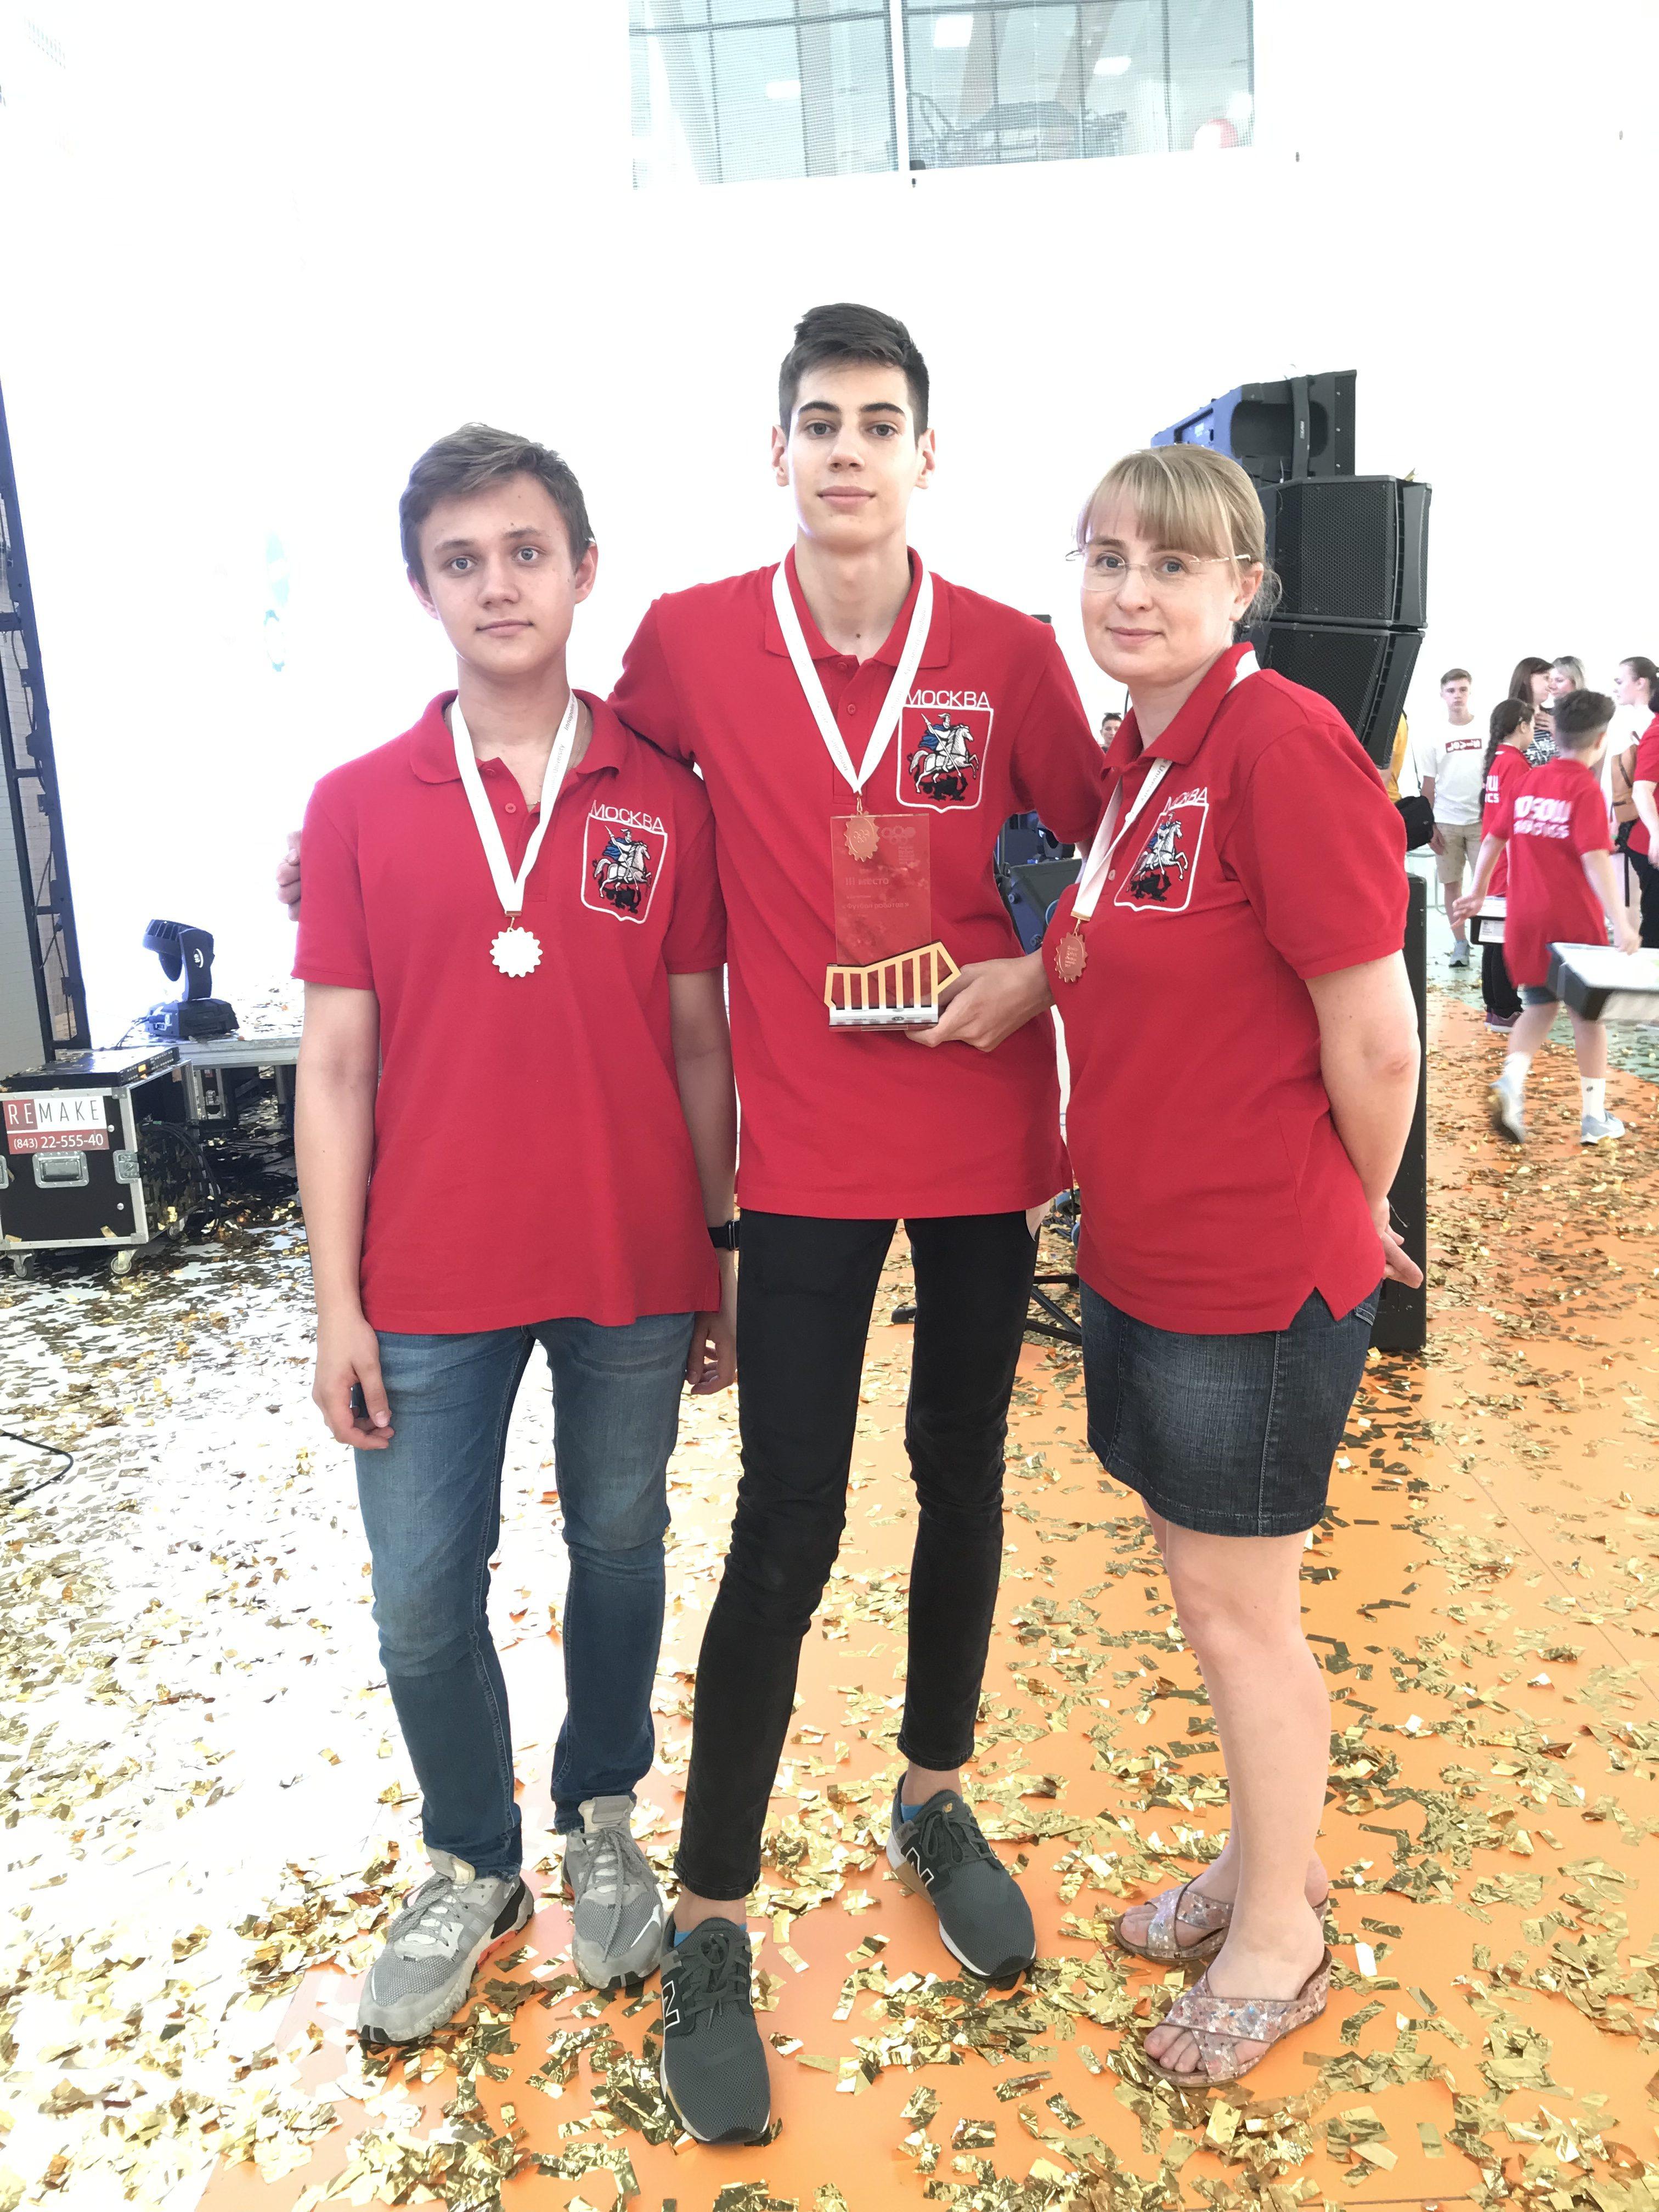 Москвичи завоевали 3 золотые награды на Всероссийской робототехнической олимпиаде